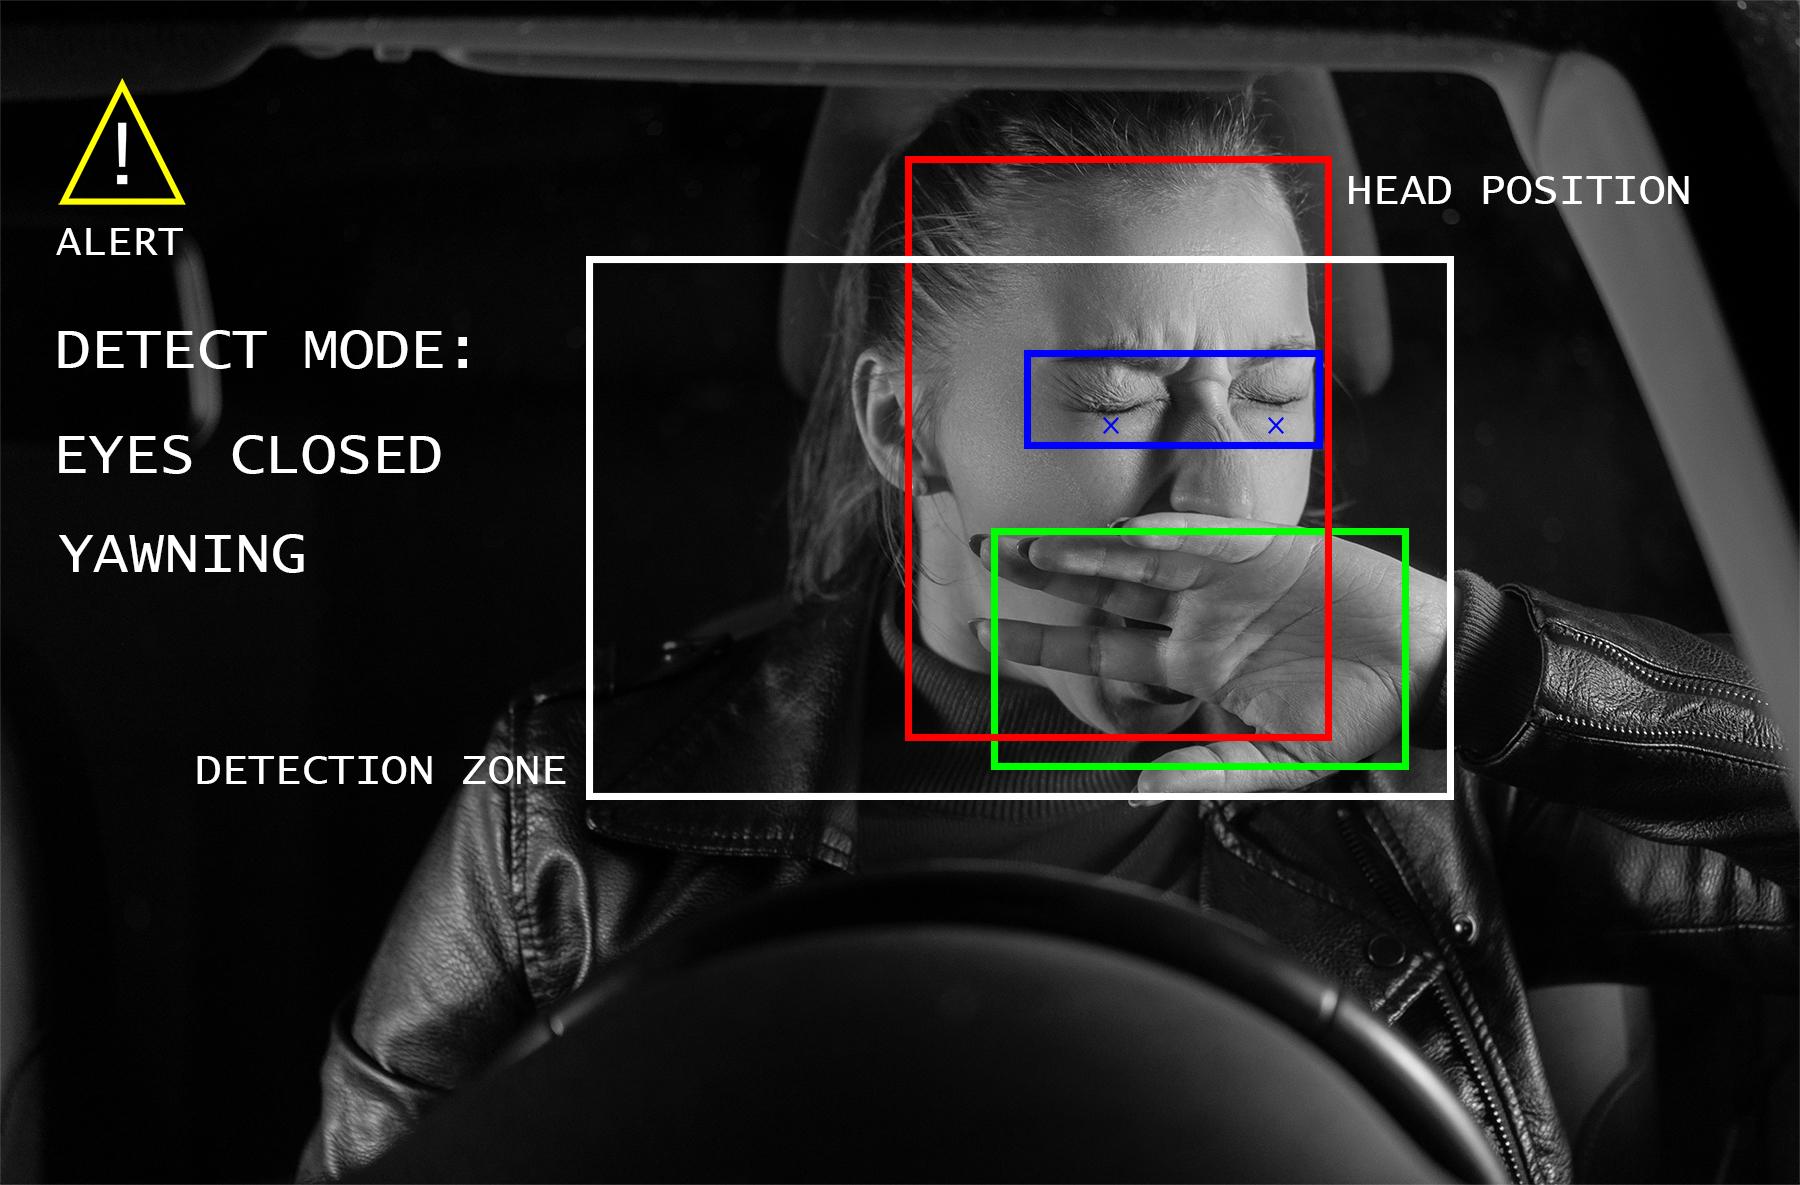 Driving fatigue